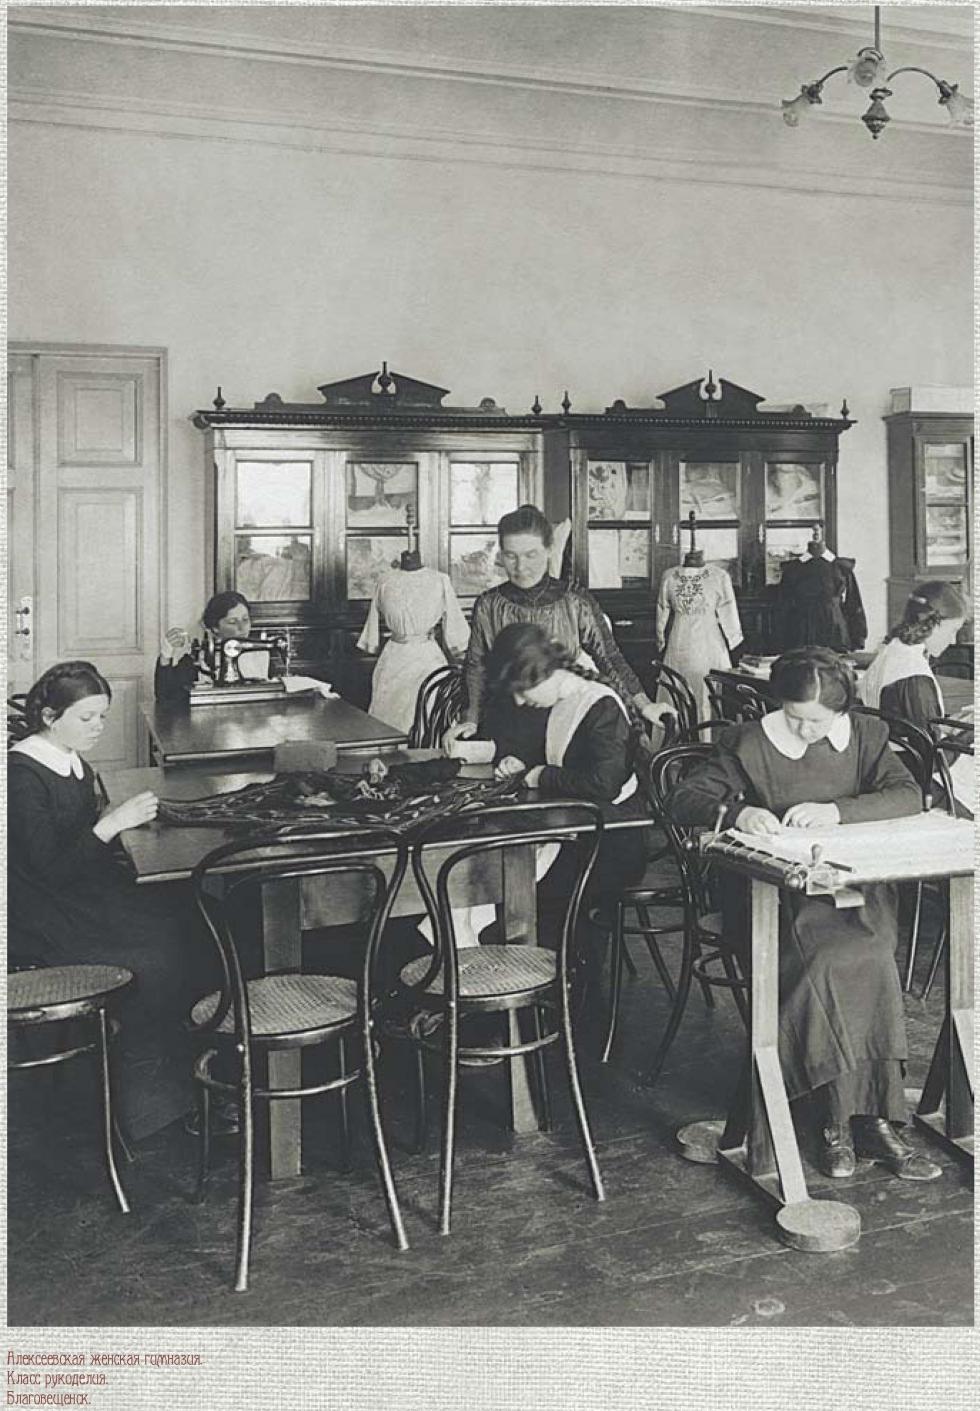 阿列克谢耶夫斯卡娅女子中学,手工班,布拉戈维申斯克。档案图片